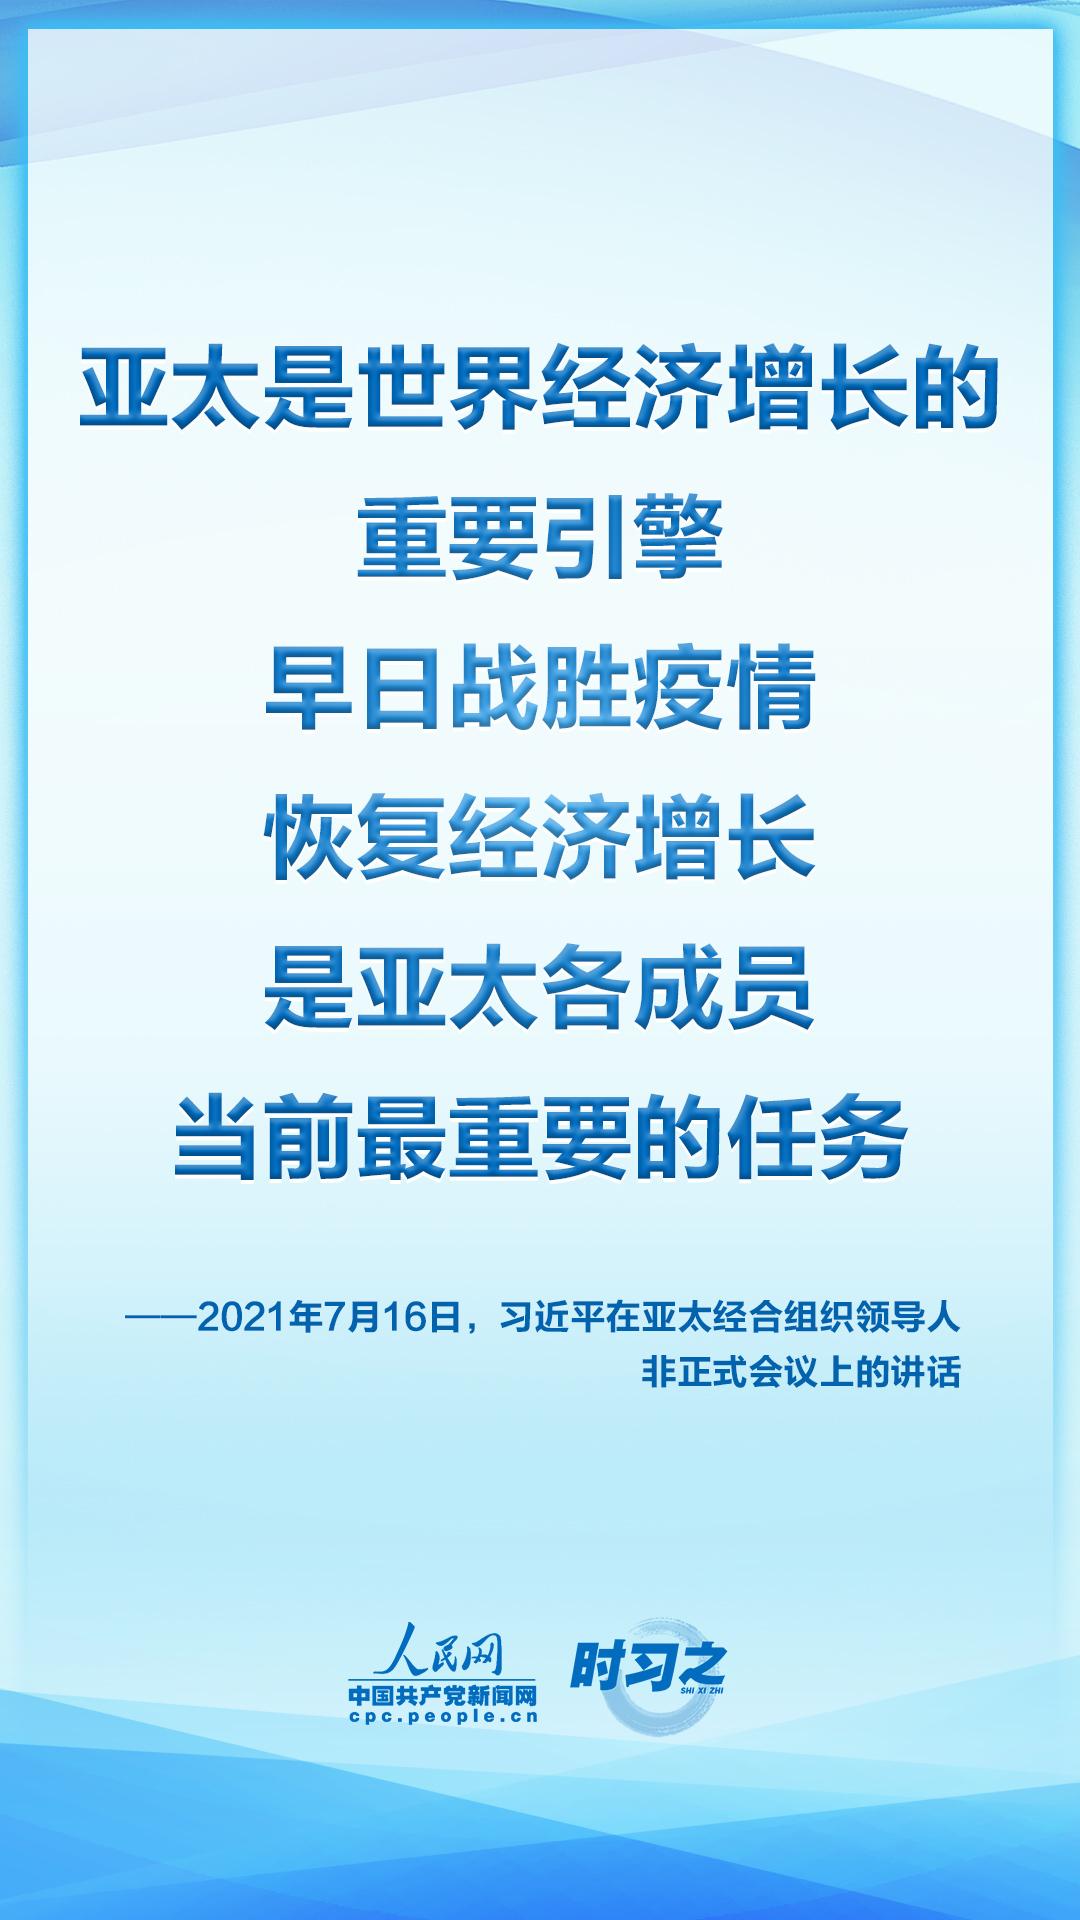 百事娱乐:共创共享亚太繁荣美好未来习近平这